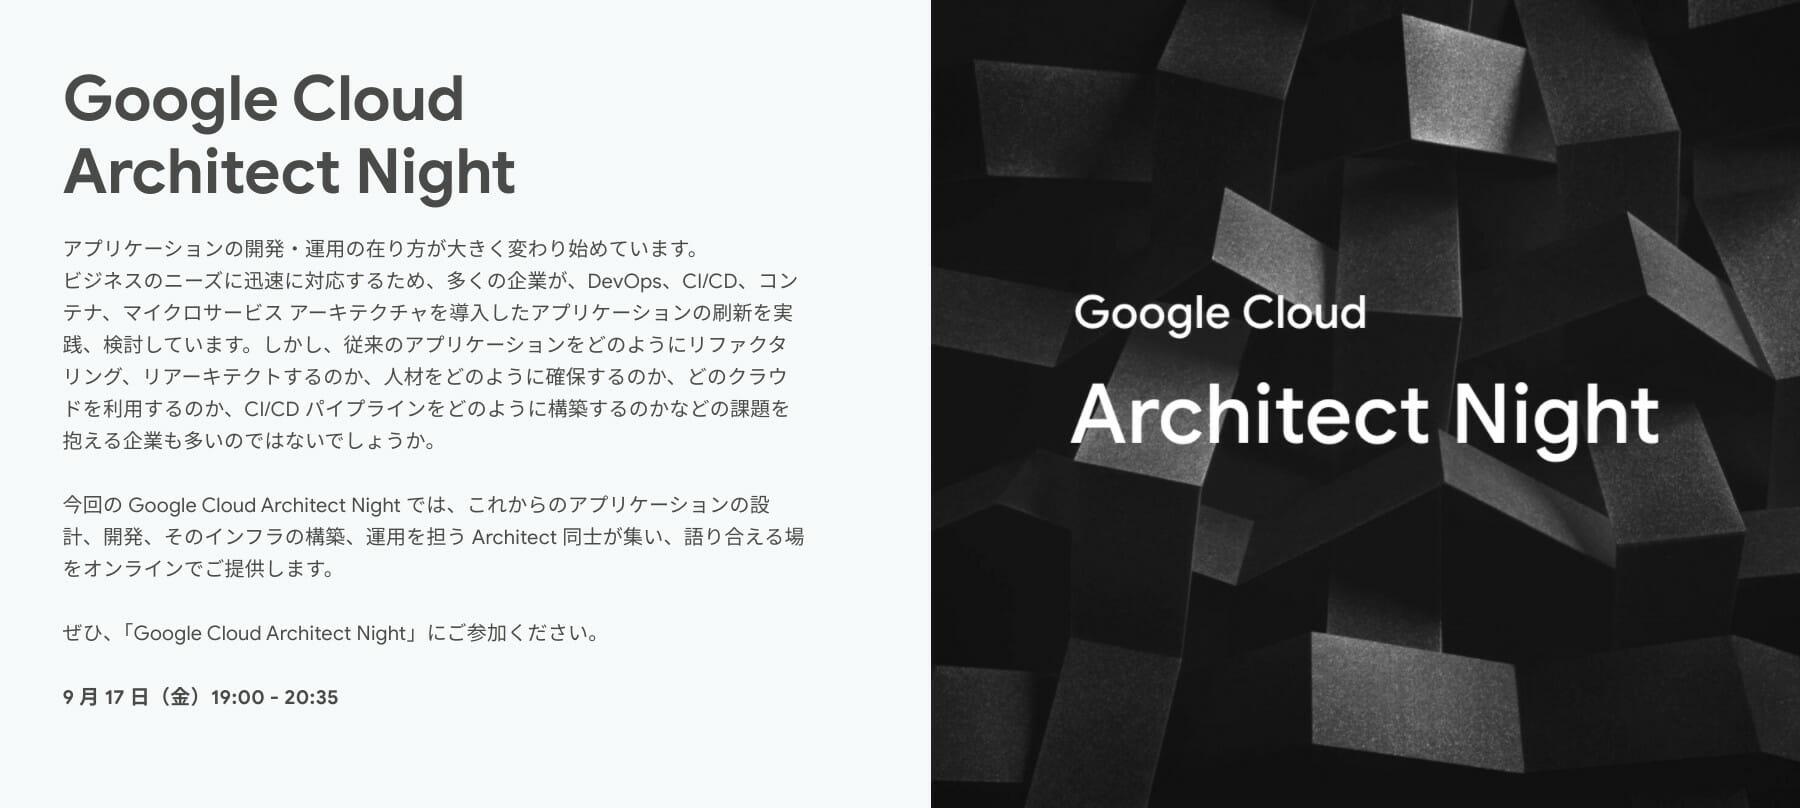 [GCP] Google Cloud Architect Night